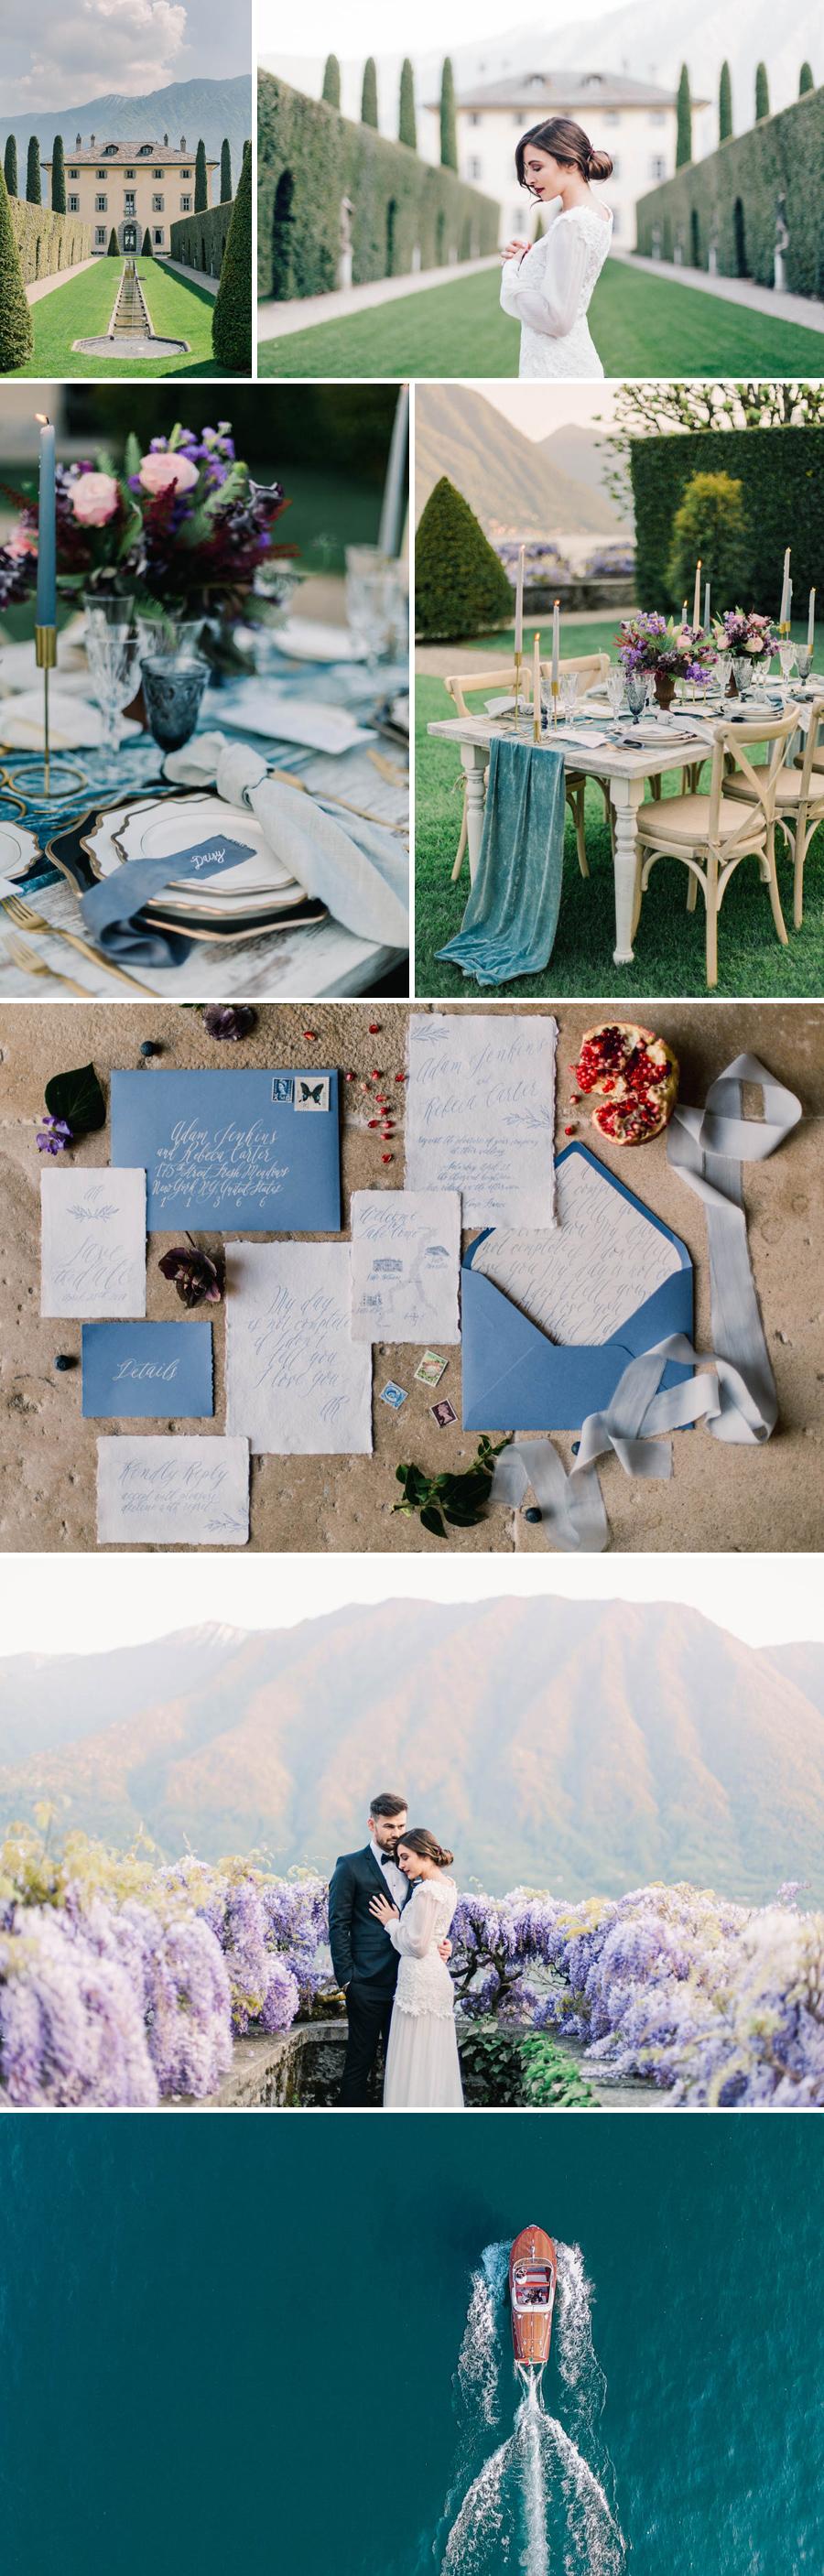 wedding lake como italy photographer villa balbiano